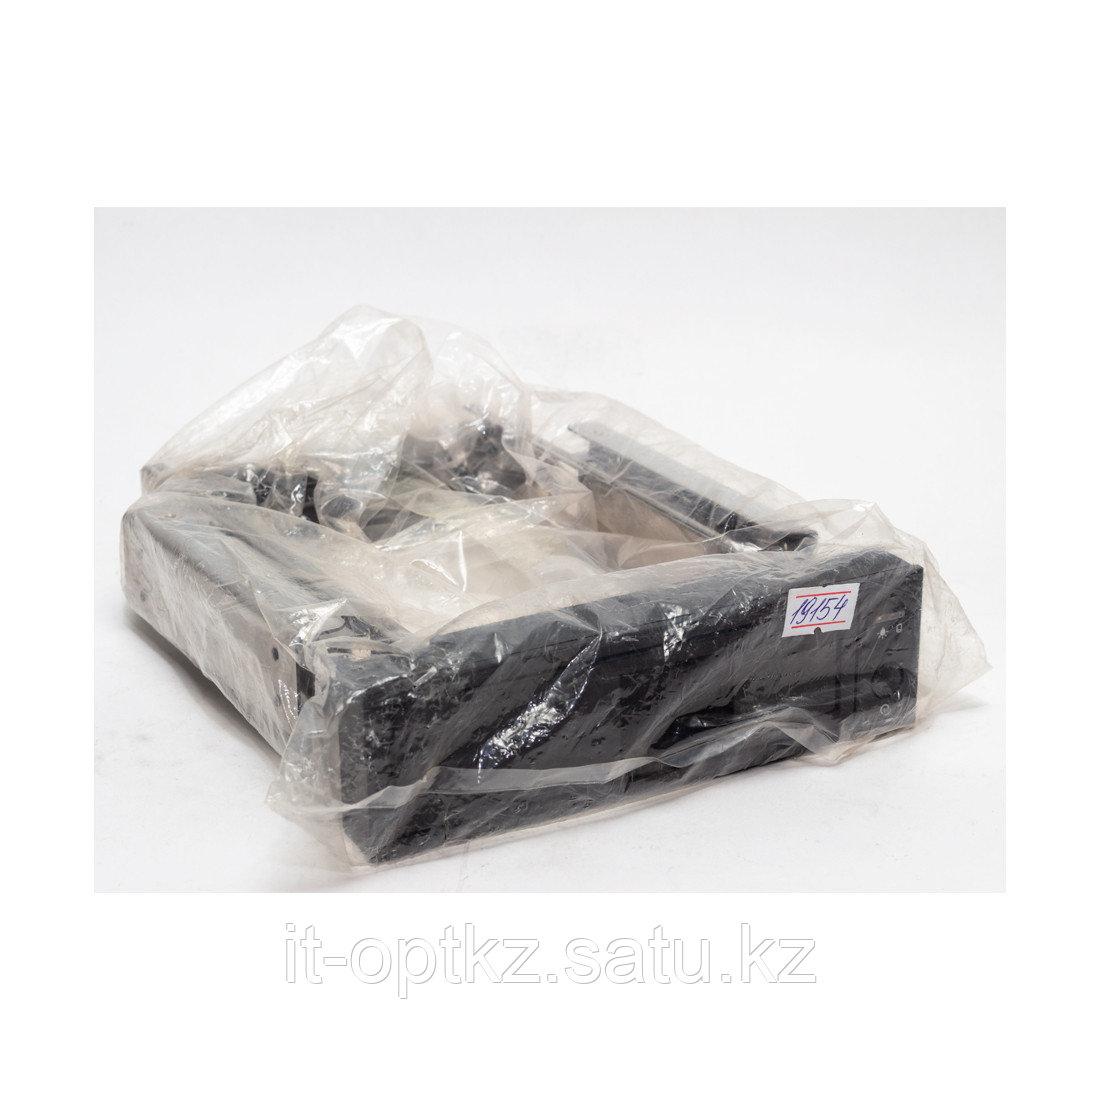 Кейс Mobile Rack ASA-IDock Rack для жёстких дисков ( внутренний)